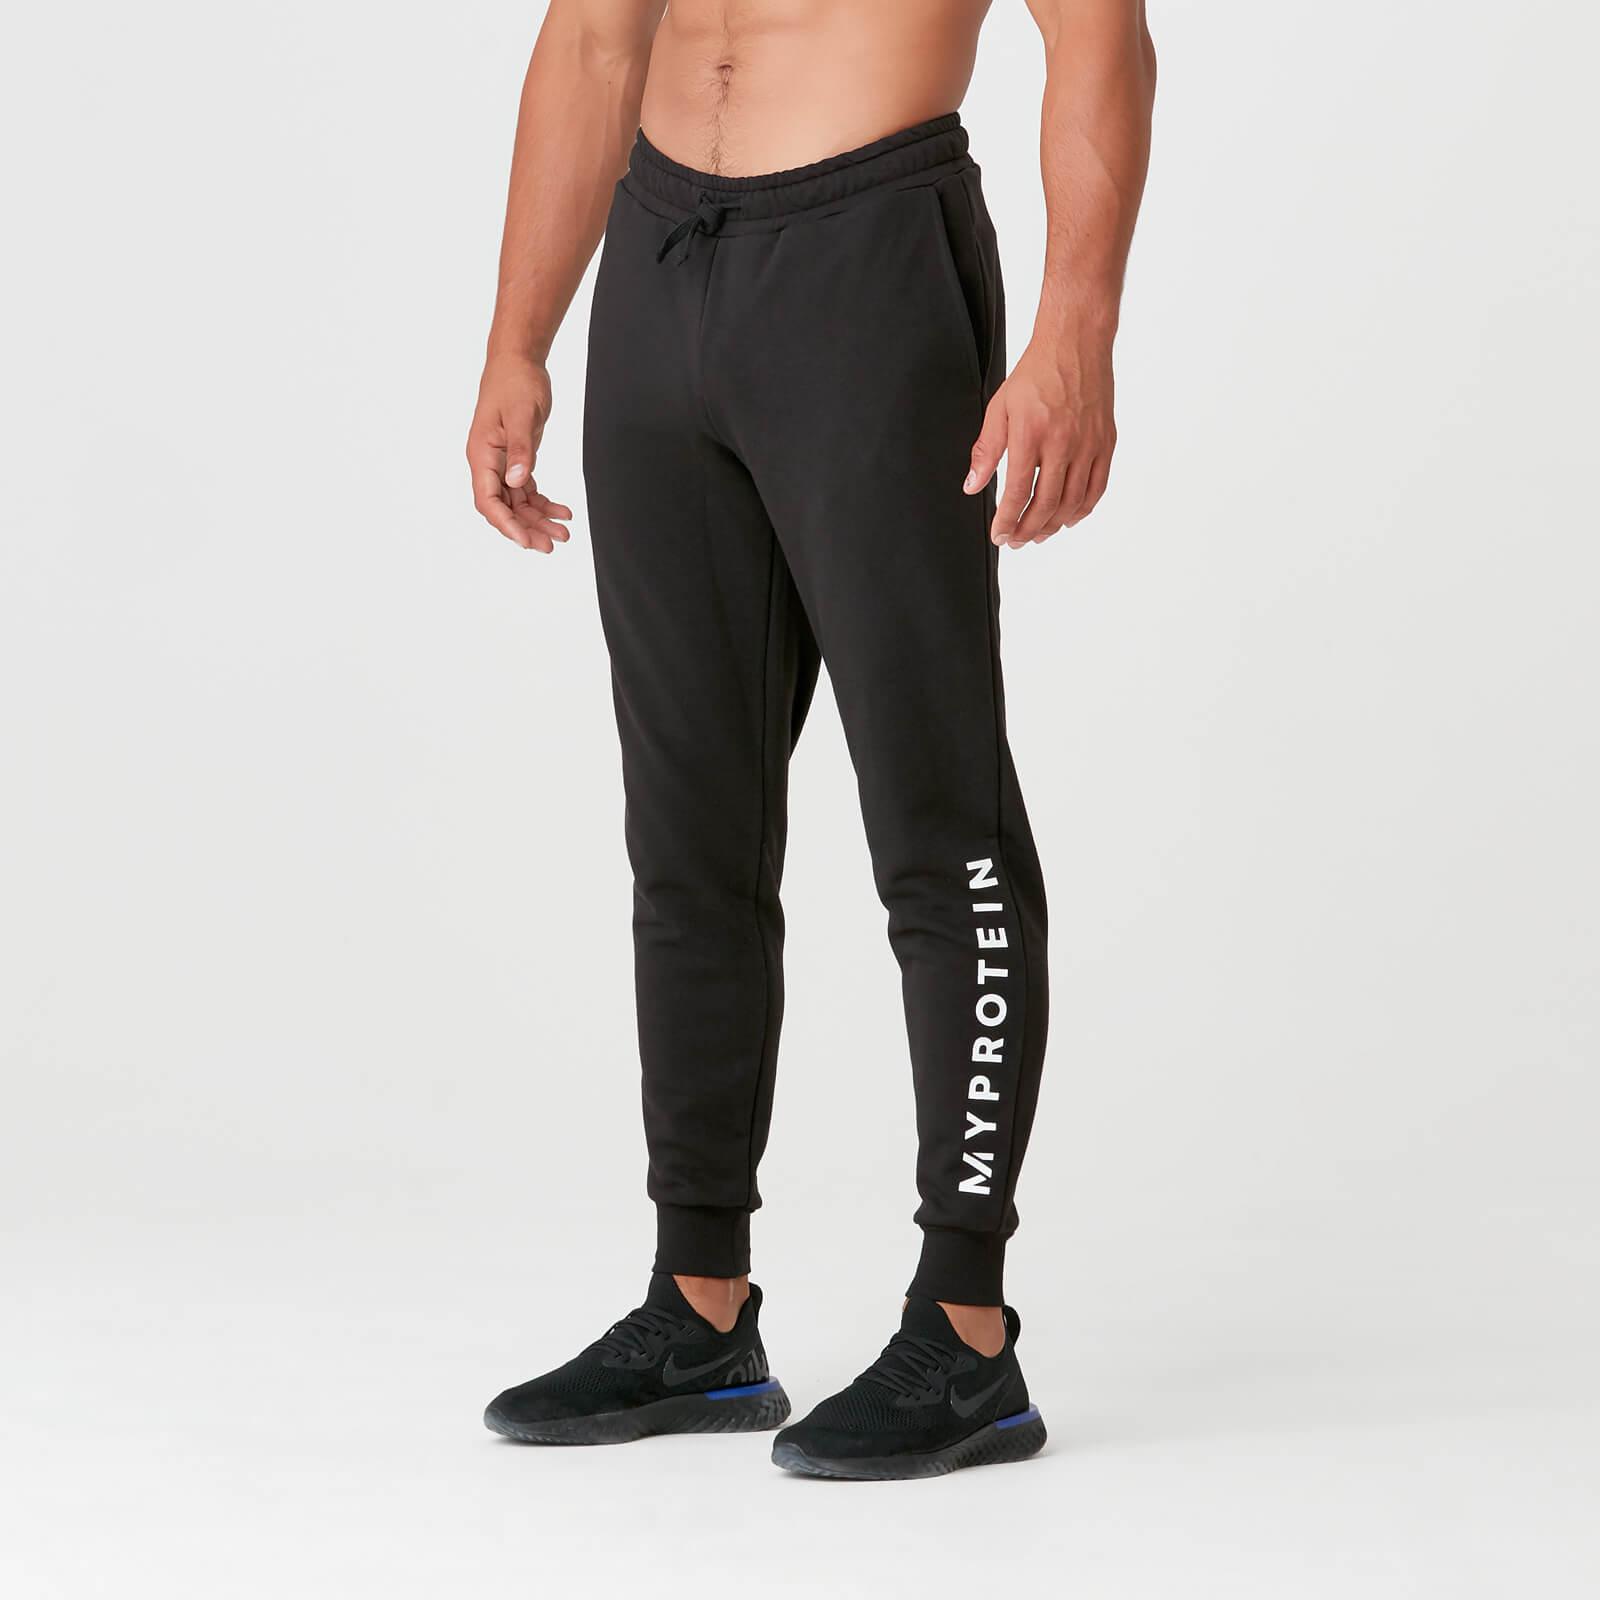 Pantalon de Jogging The Original - Noir - S